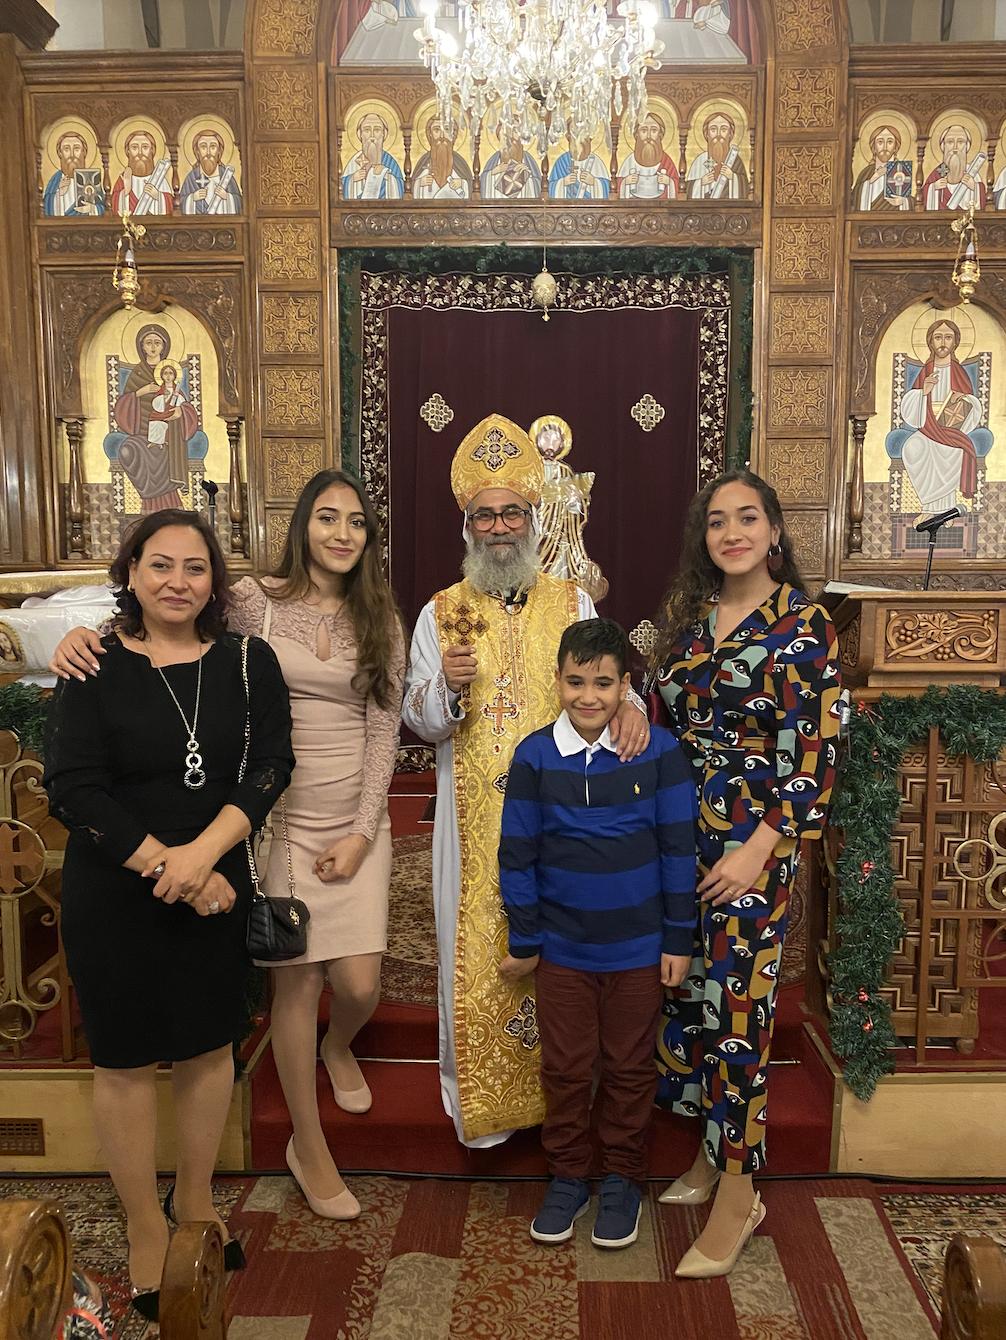 koptisches Weihnachten 2020 - noch ohne Maske und Abstand